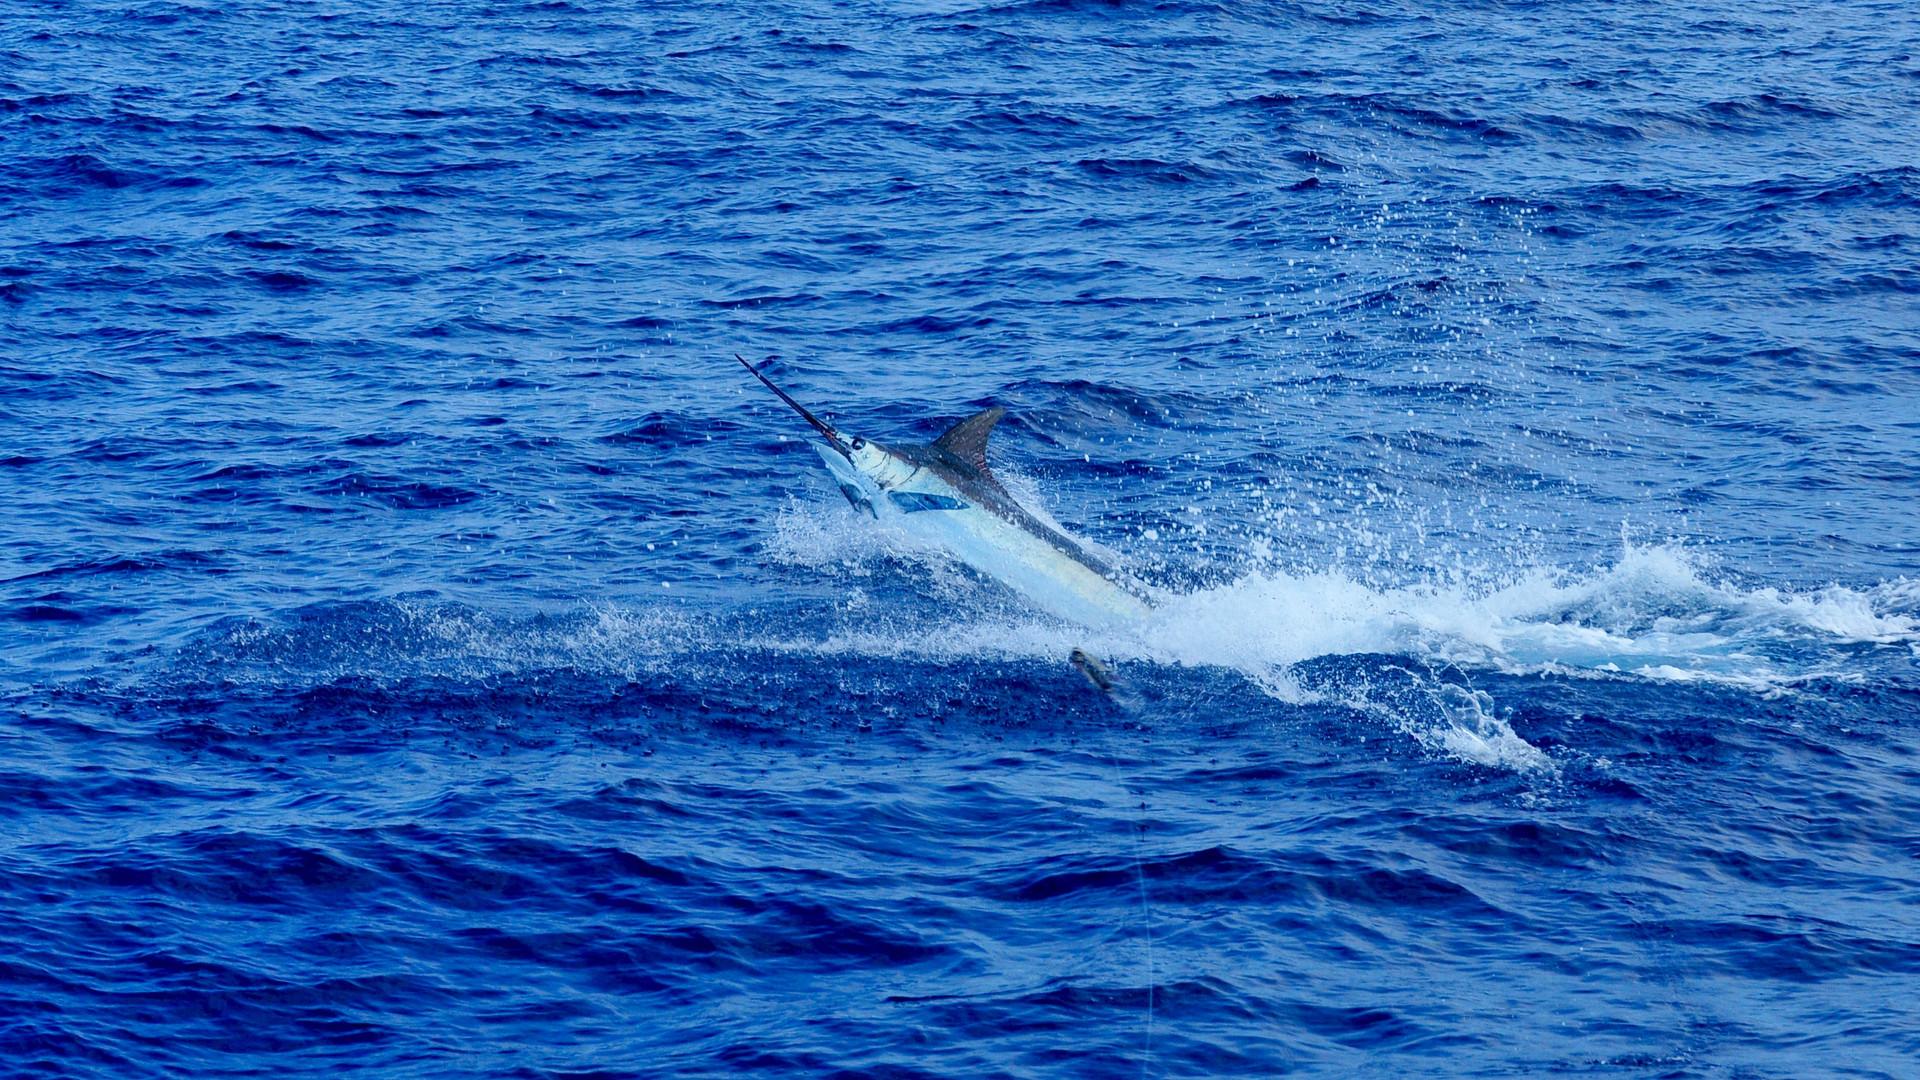 kona sportfishing